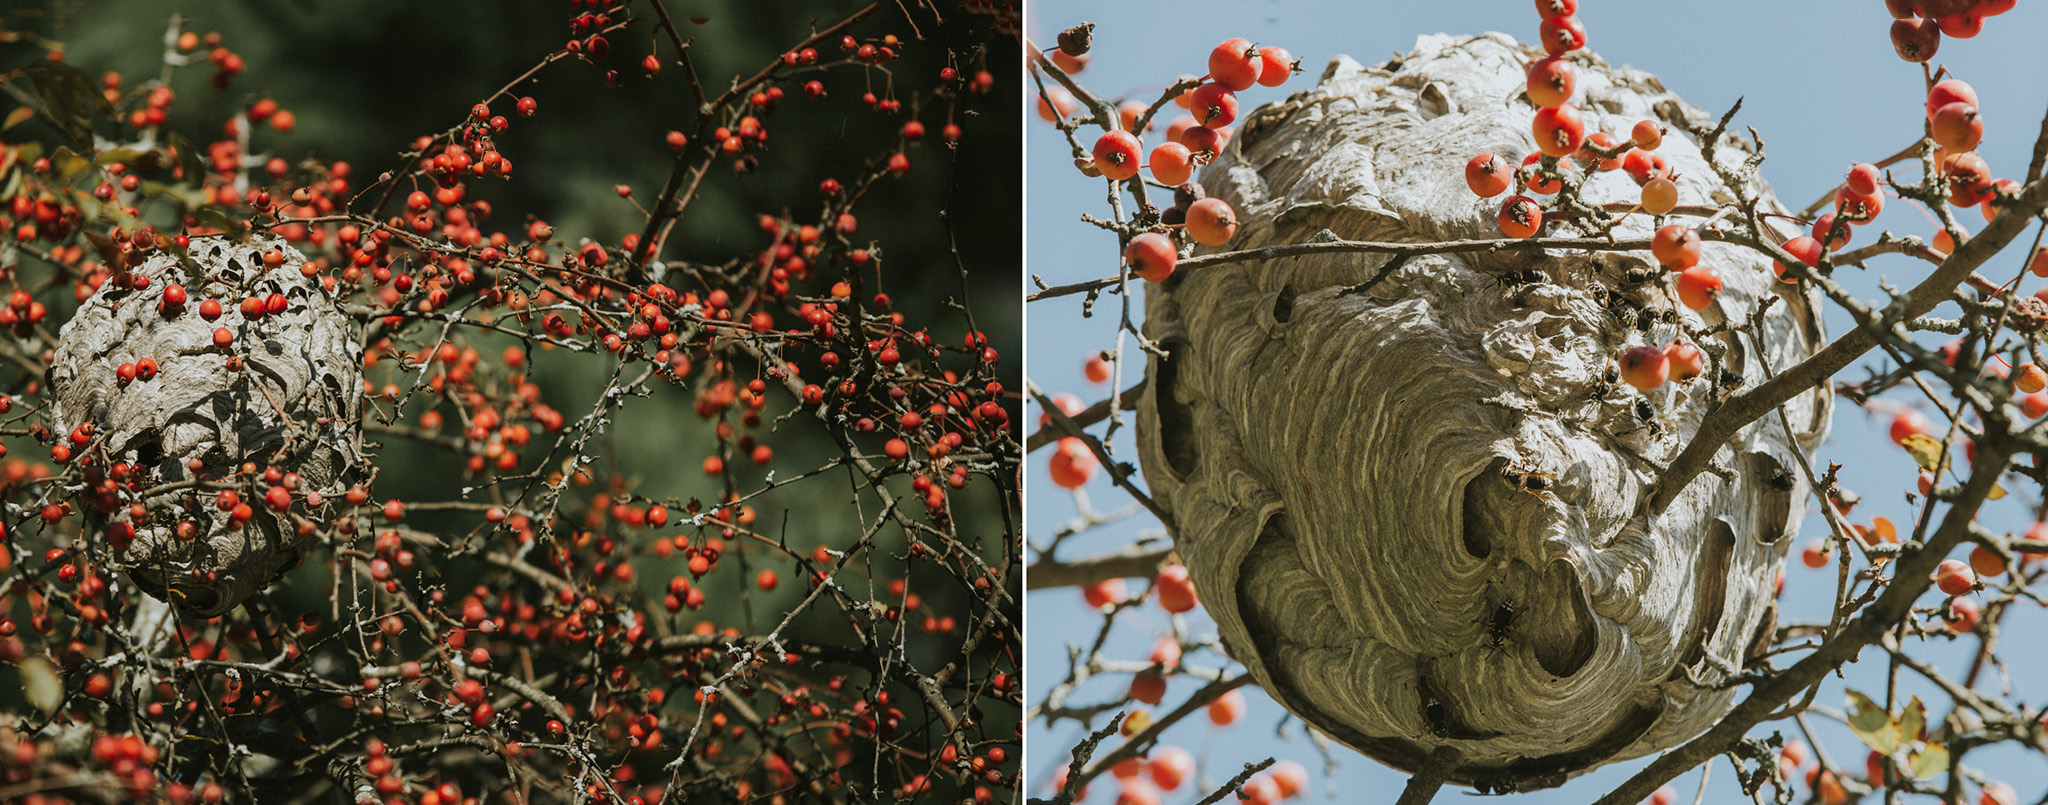 September 17: The hornet's nest.